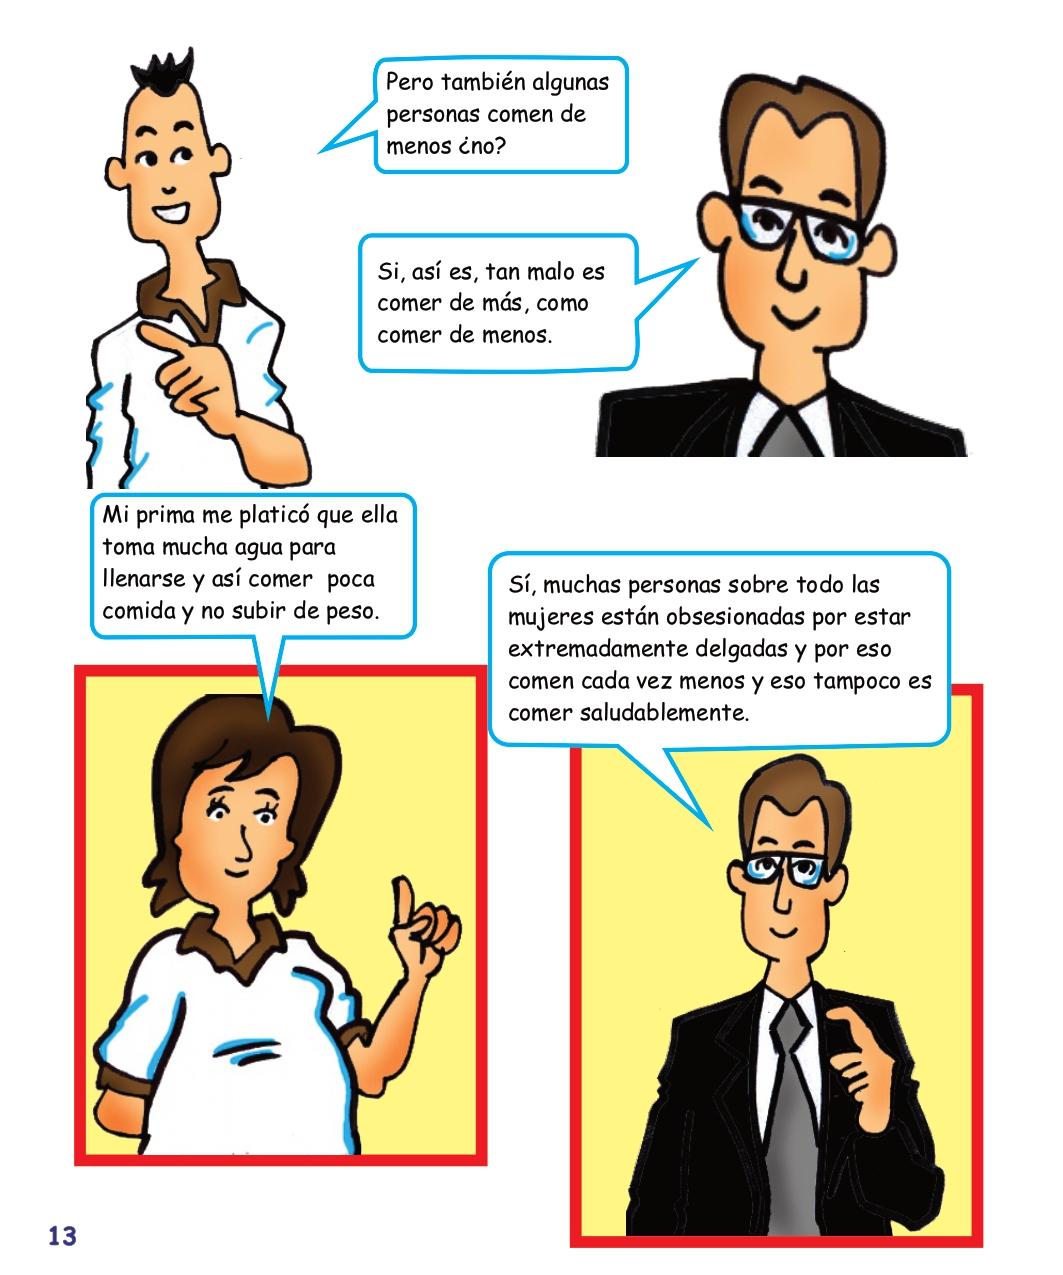 Psicología adolescentes Reyhan cap1 digital_page-0016